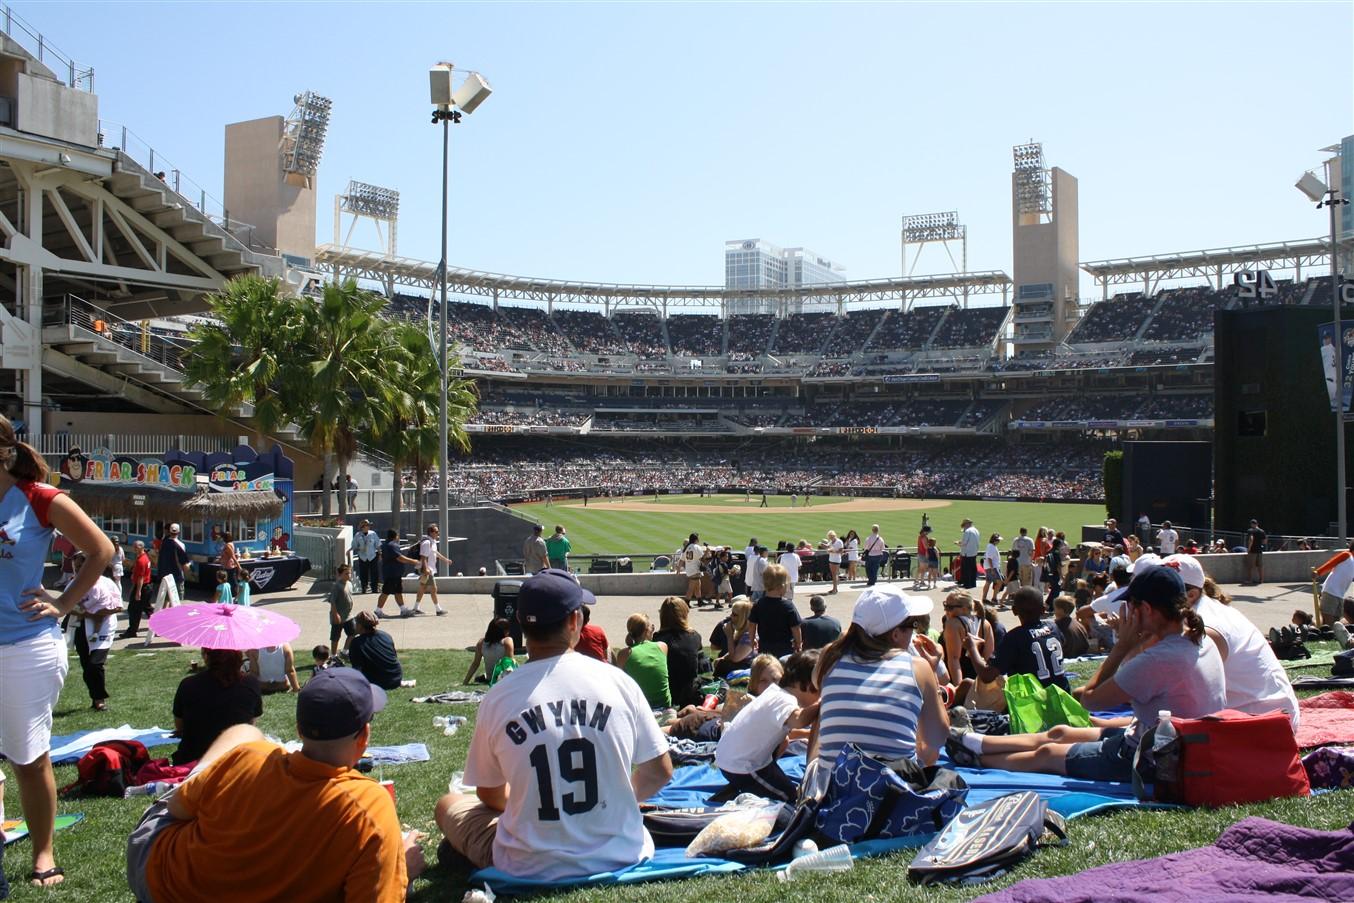 2009 08 23 70 San Diego Petco Field.jpg